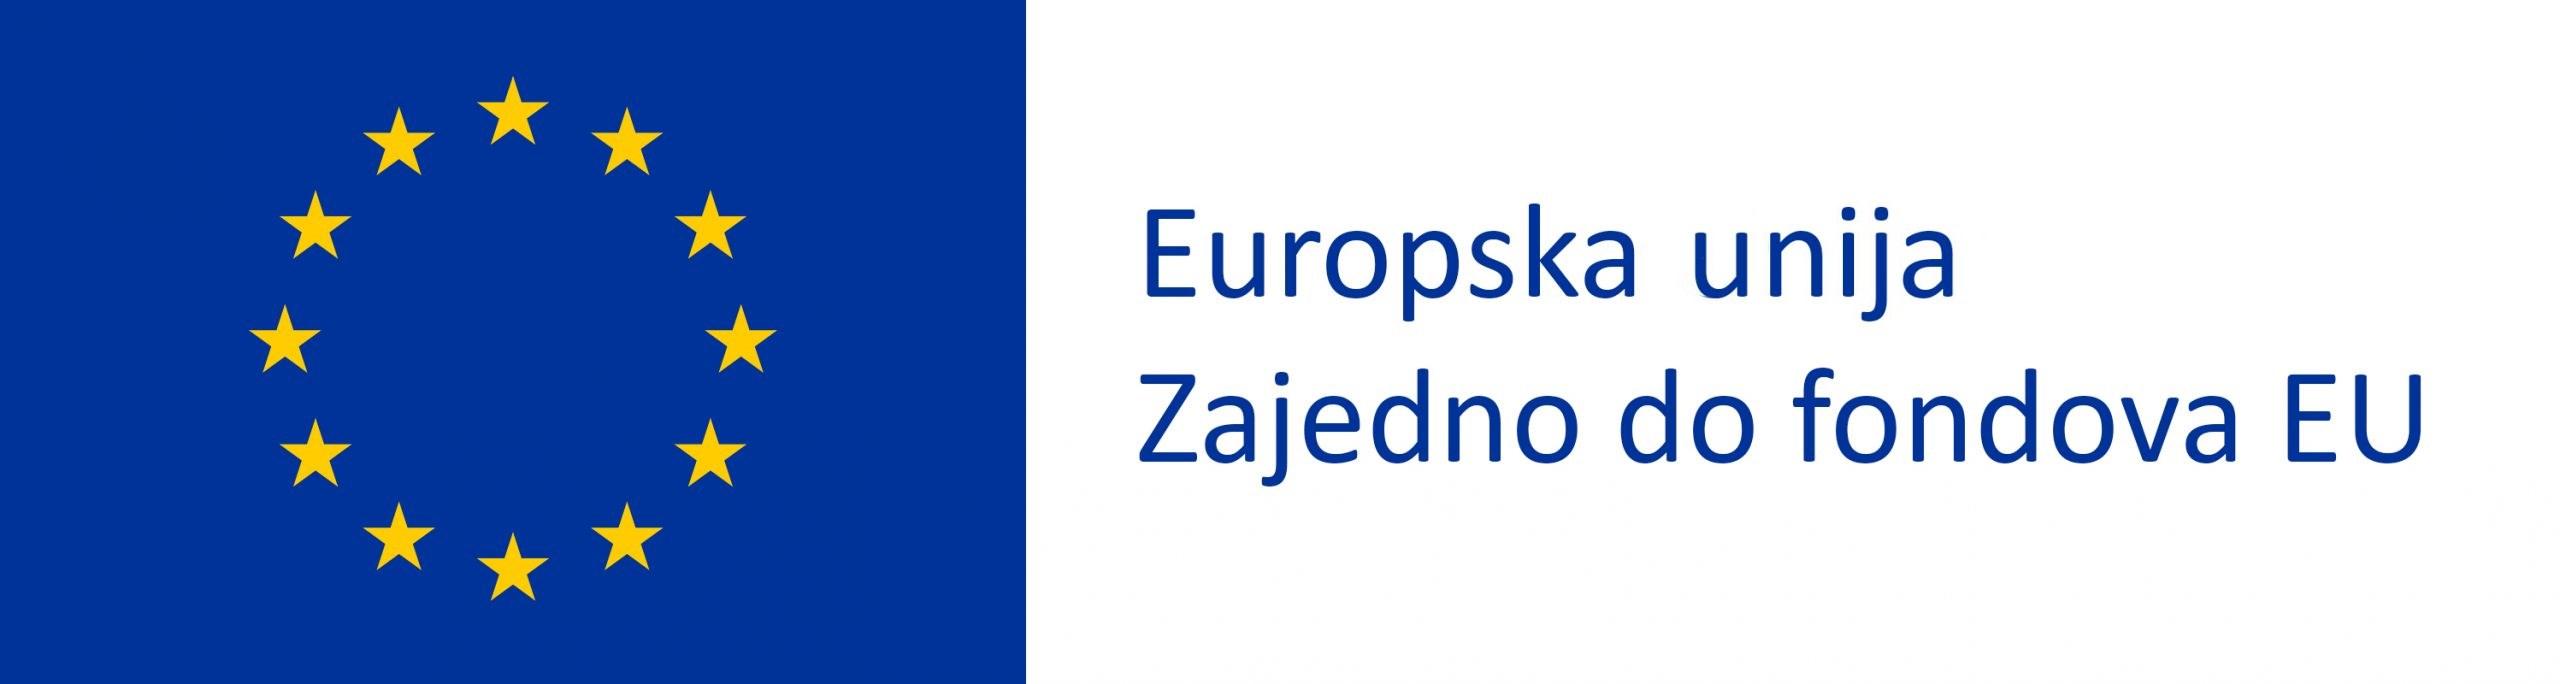 logo zajedno do fondova EU